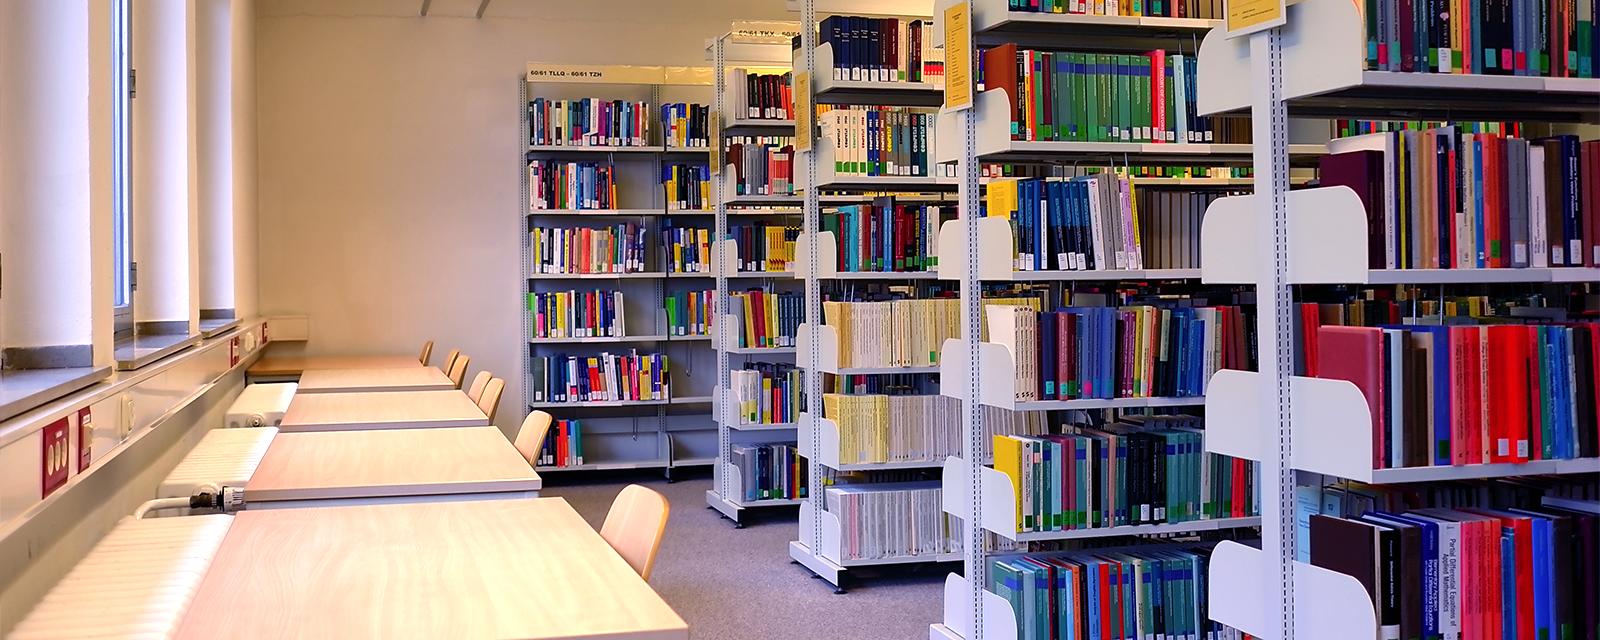 Bild ENC Benutzerarbeitsplätze